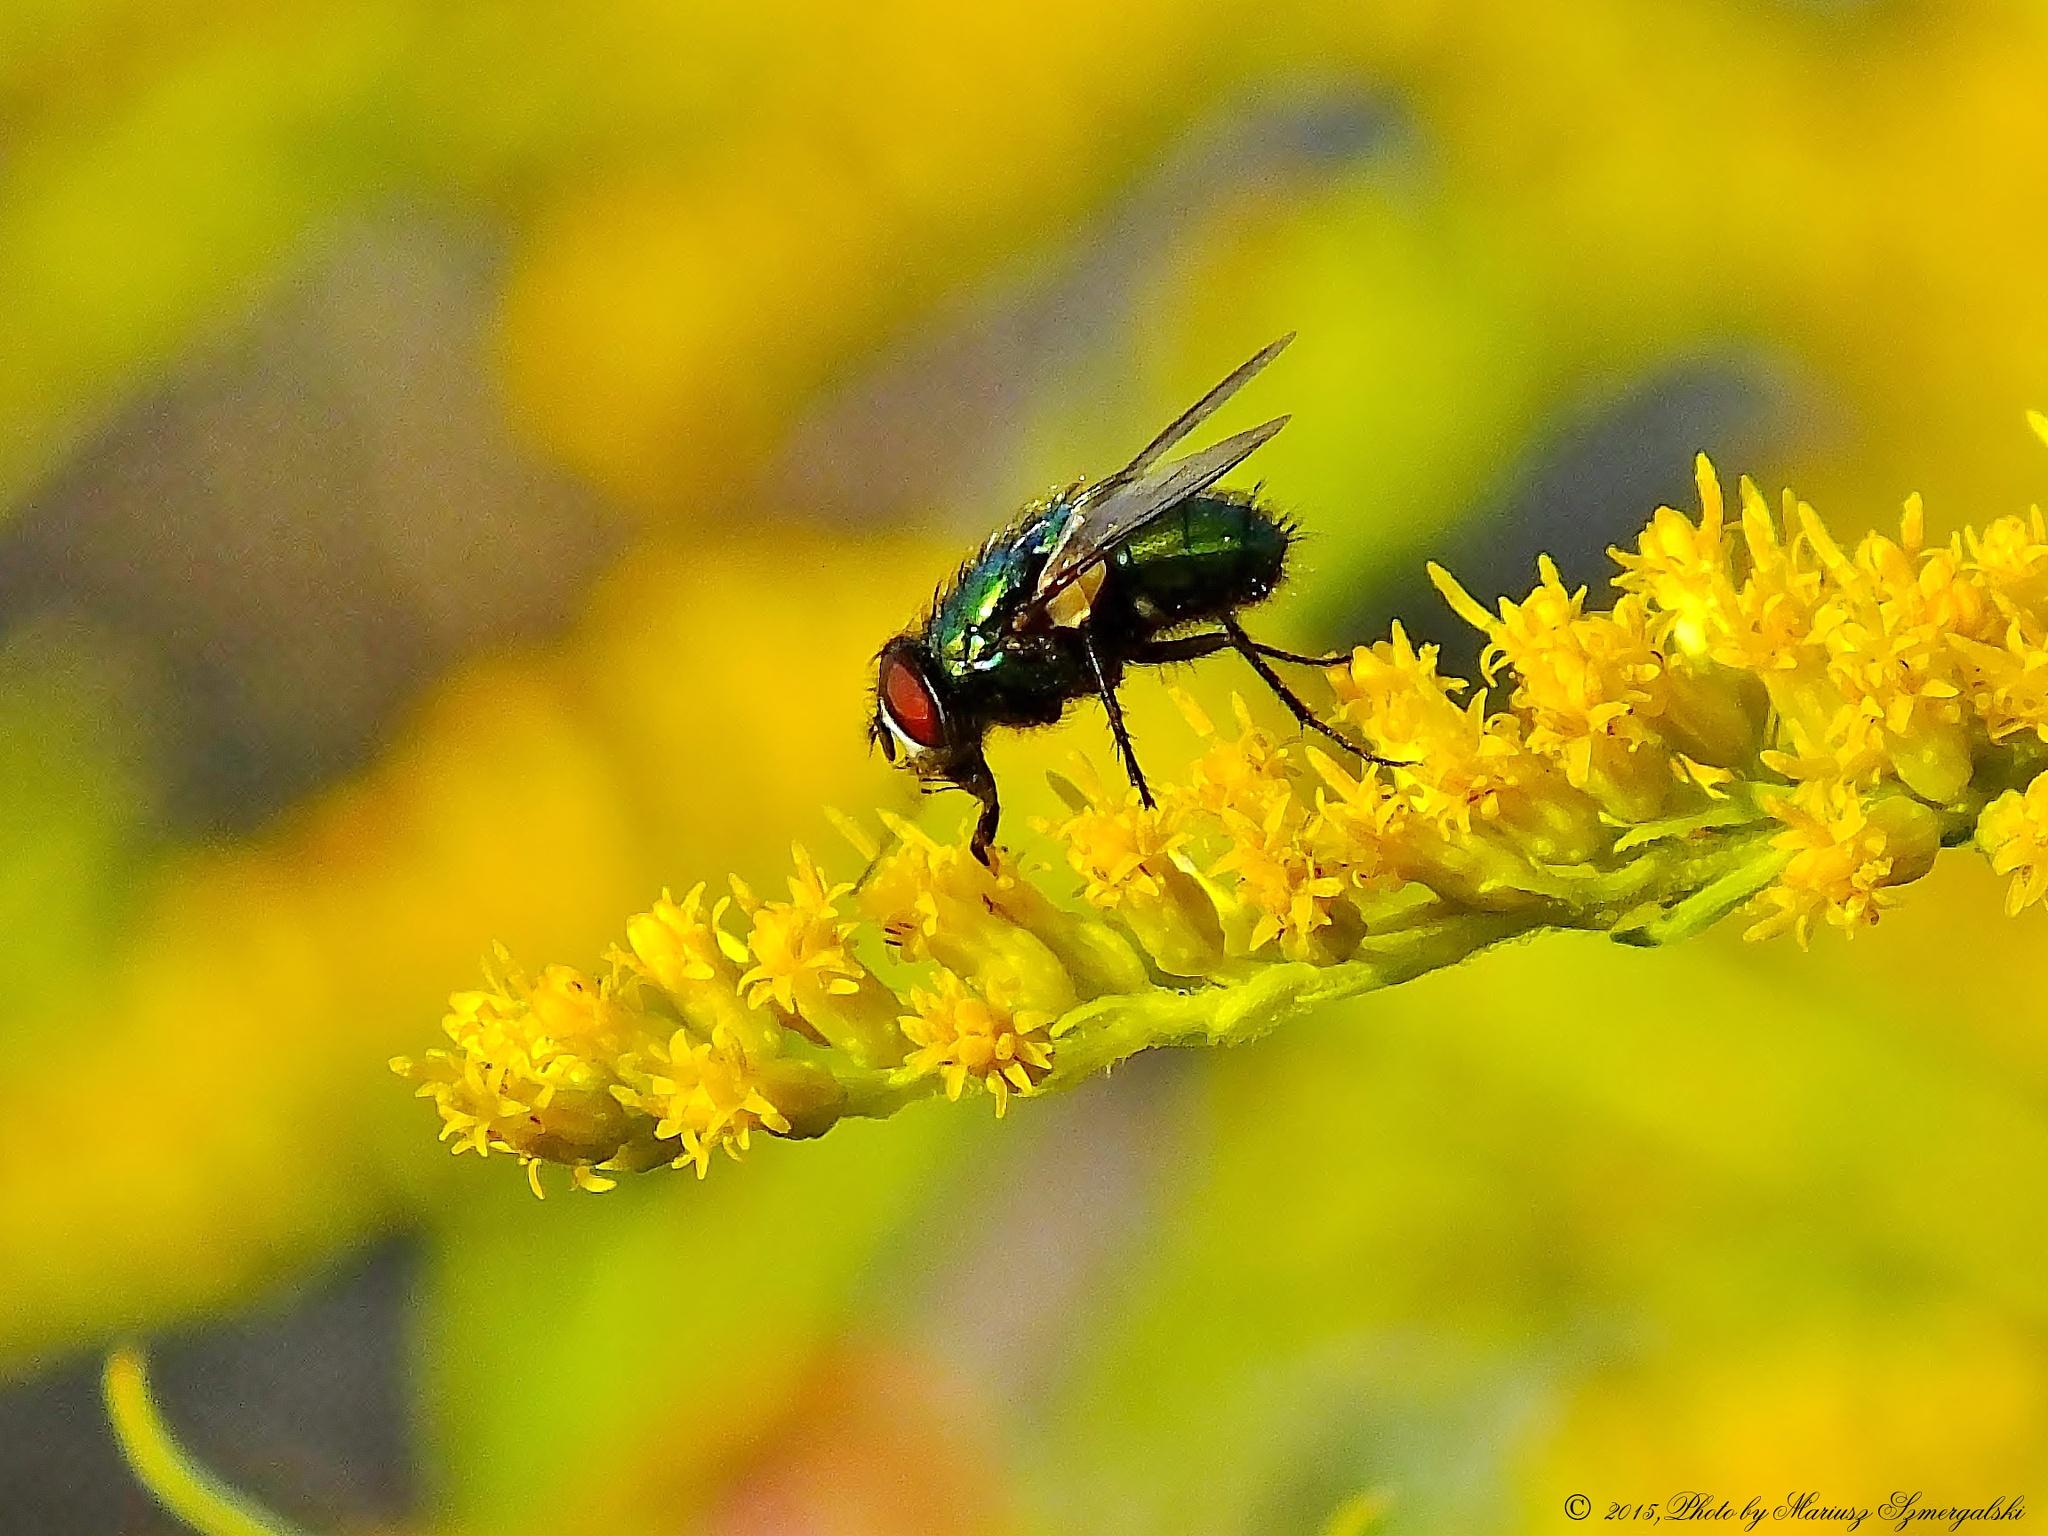 Fly. by jon.rambo.37819